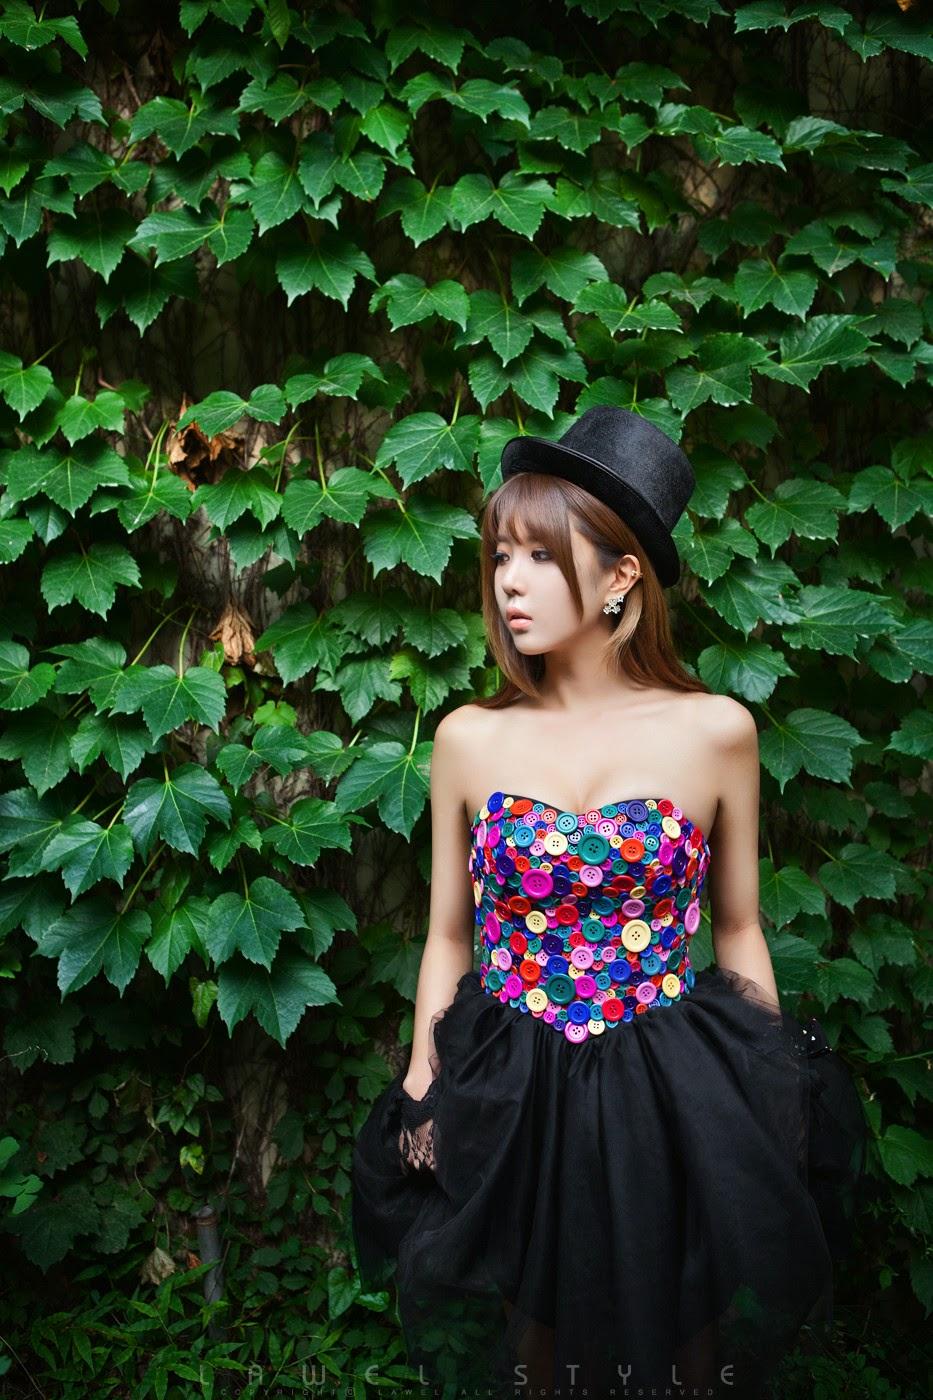 [Heo Yoon Mi] 2012.07.24